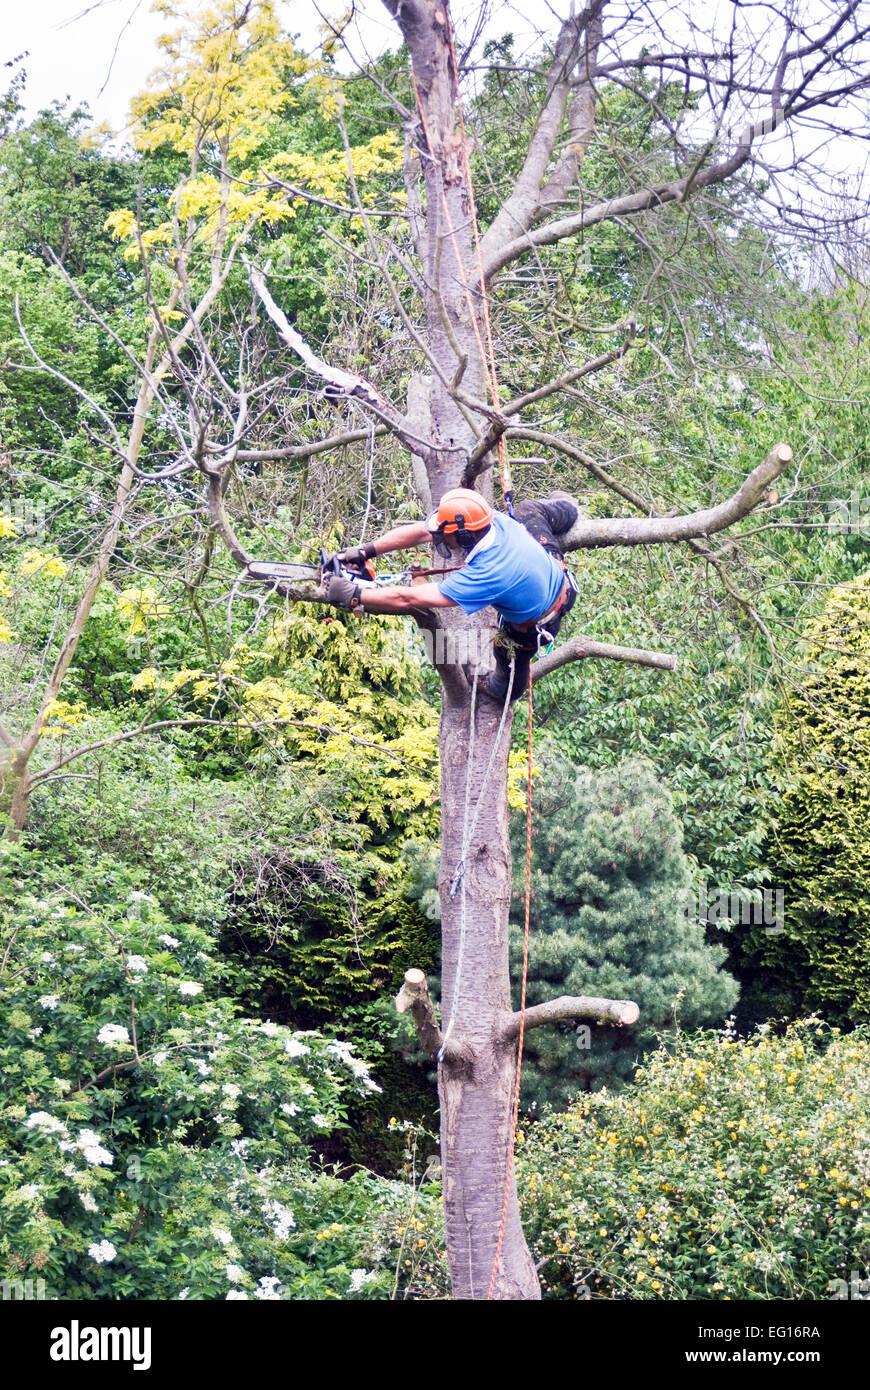 Tree chirurgo rimuovendo i rami di un albero morto Immagini Stock